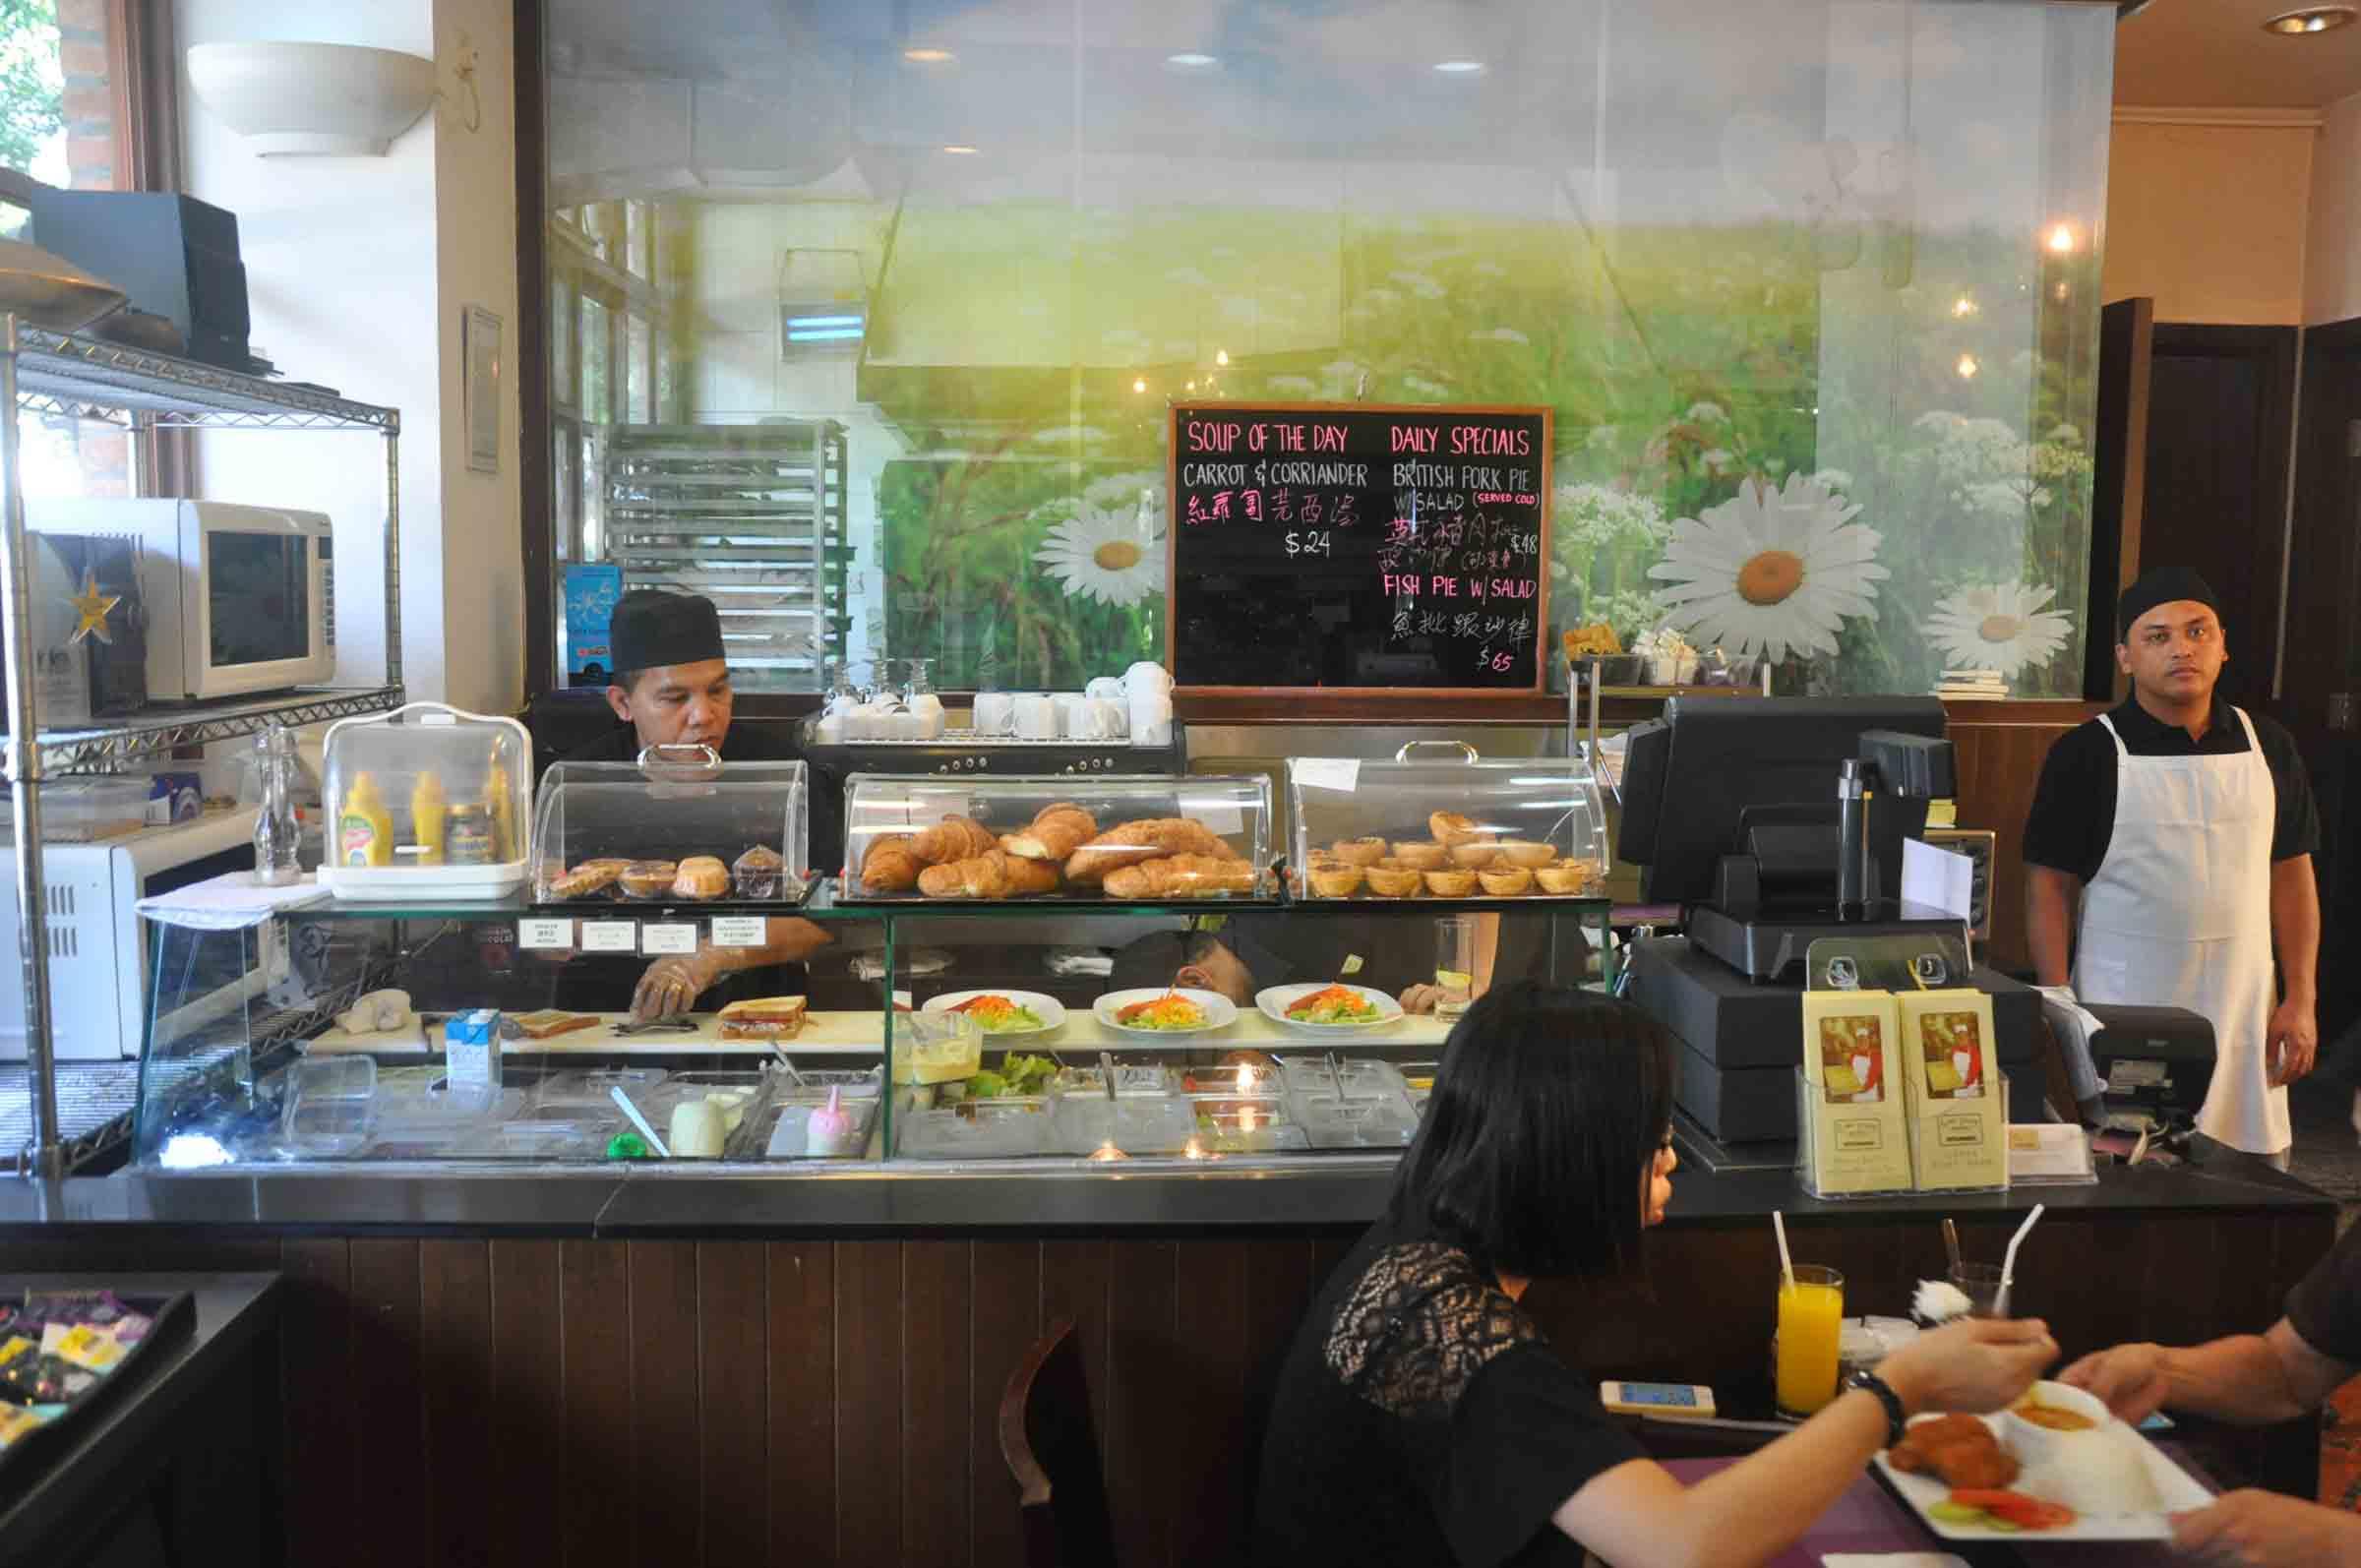 Lord Stows Garden Cafe counter